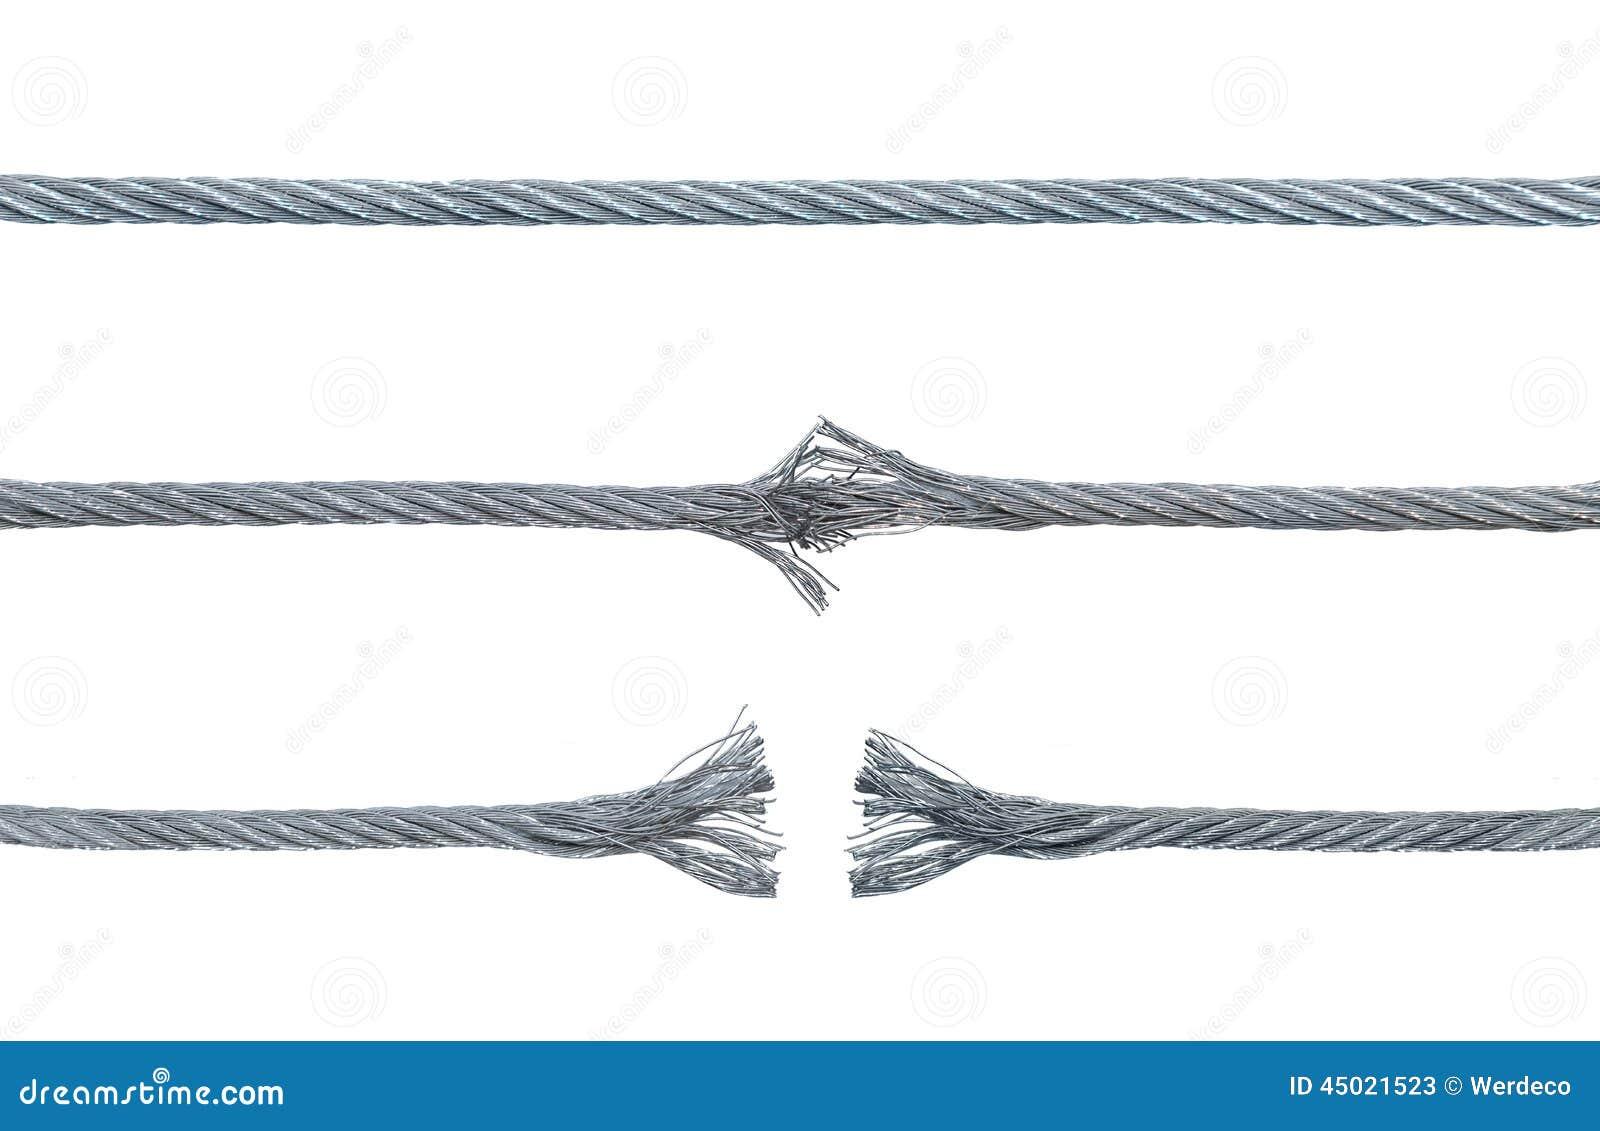 Combien avez vous fait en kms avec votre câble d'origine? Trois-phases-d-un-c%C3%A2ble-de-rupture-en-m%C3%A9tal-45021523